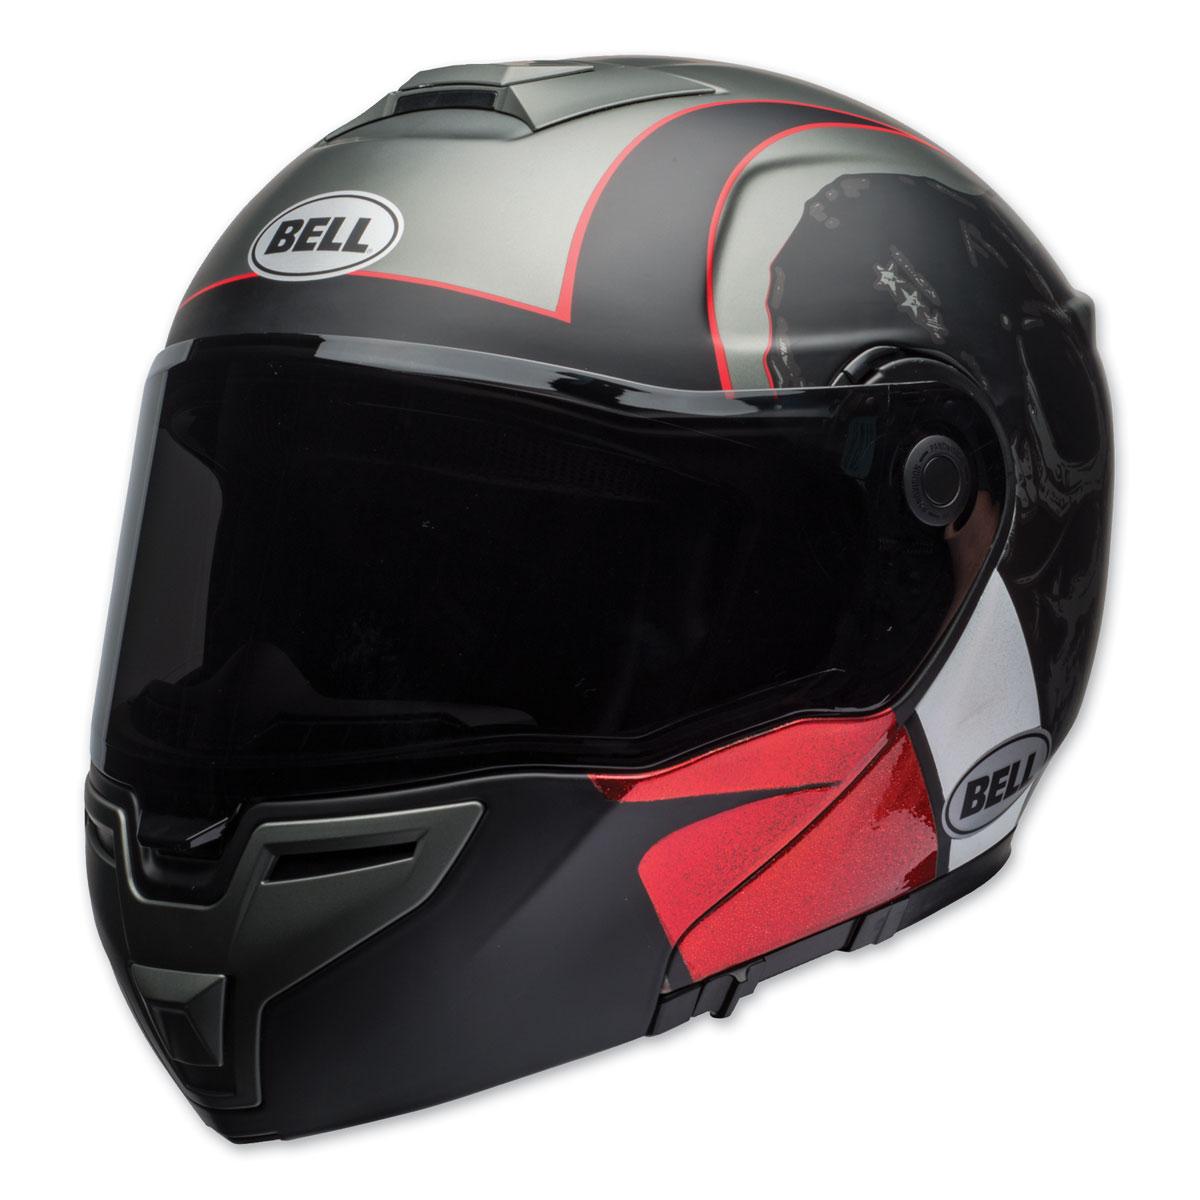 Bell SRT Hart Luck Modular Helmet